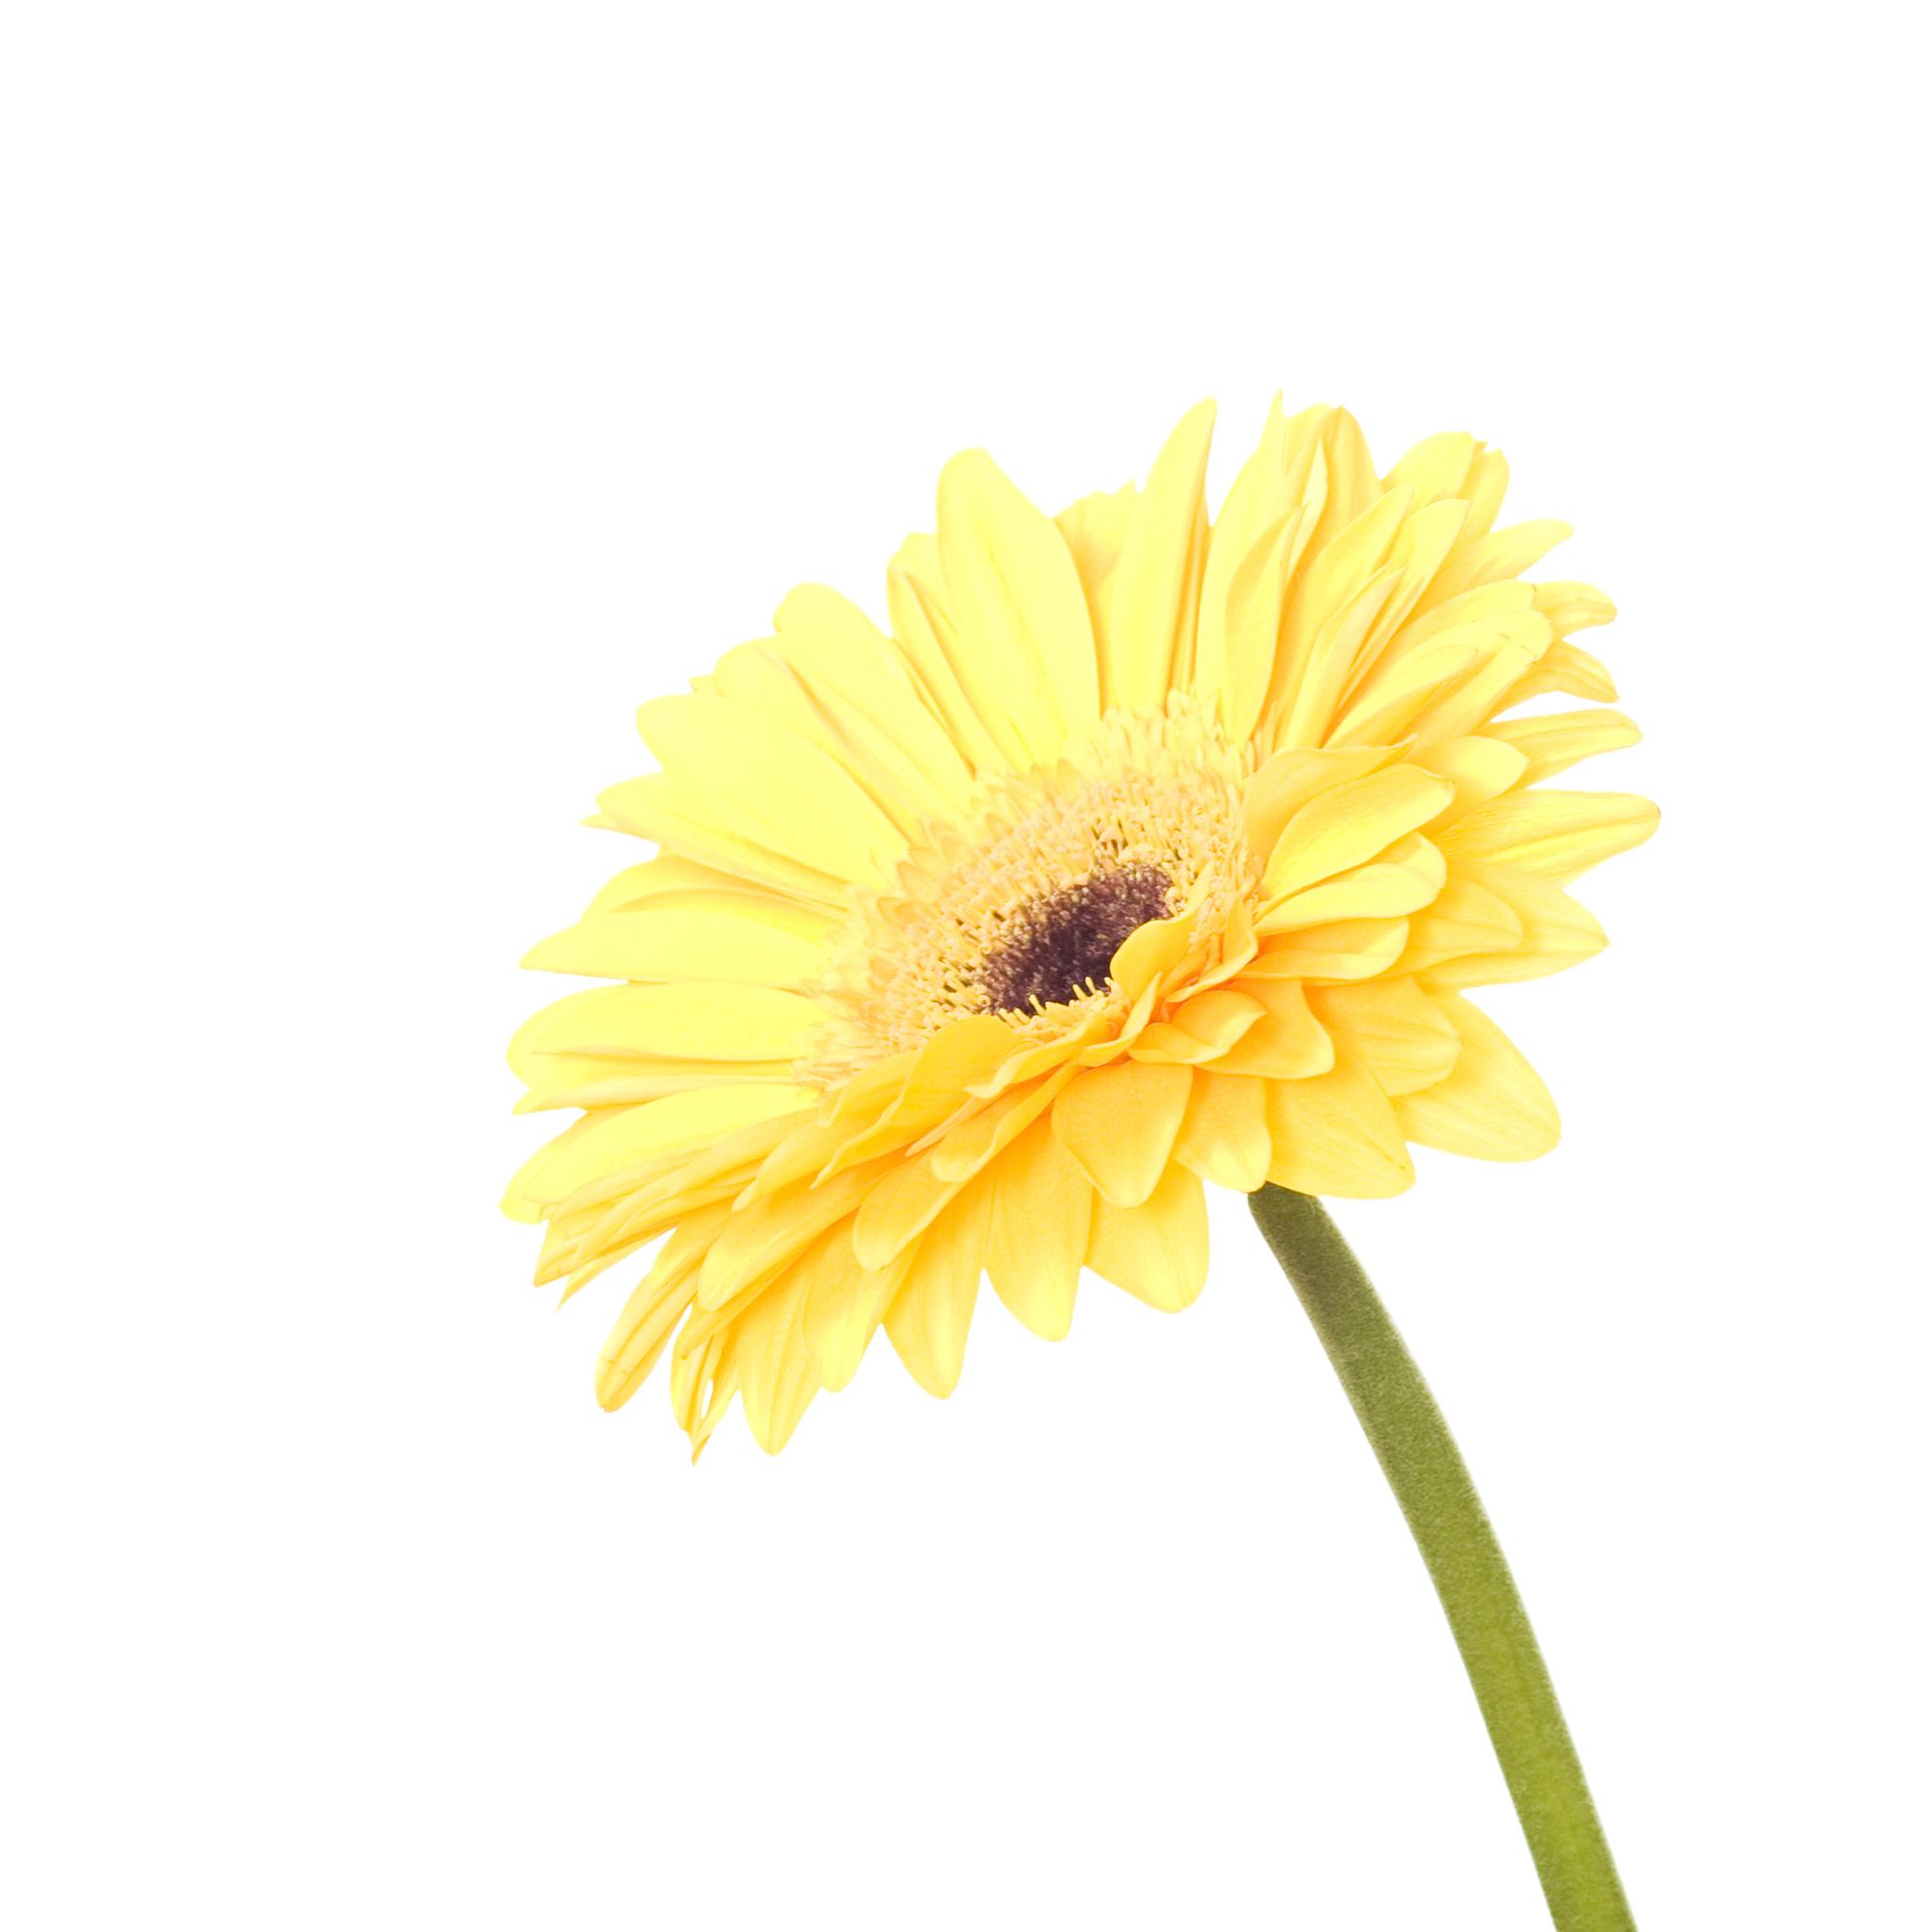 Flower, Closeup, Detail, Flora, Floral, HQ Photo